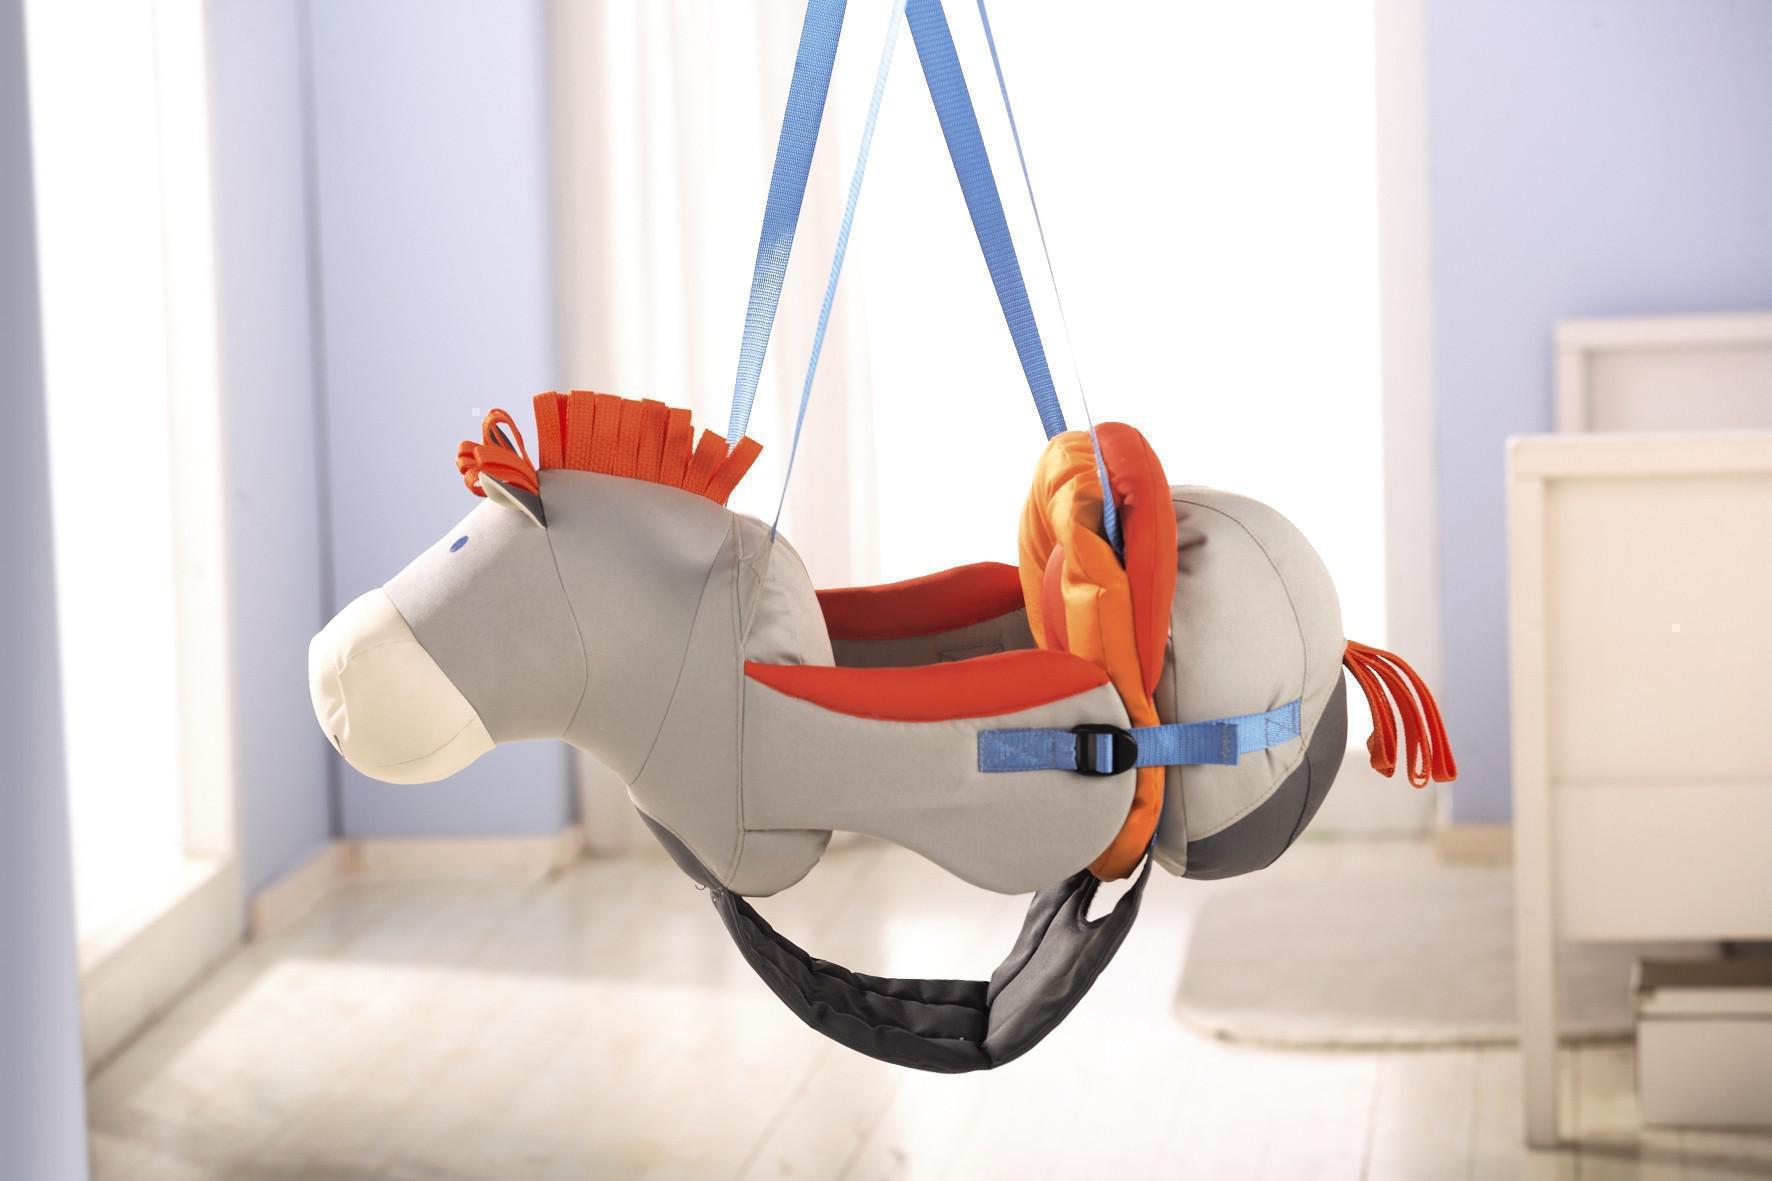 Haba babyschaukel pferd spielzelte schaukeln - Kinderzimmer schaukel ...